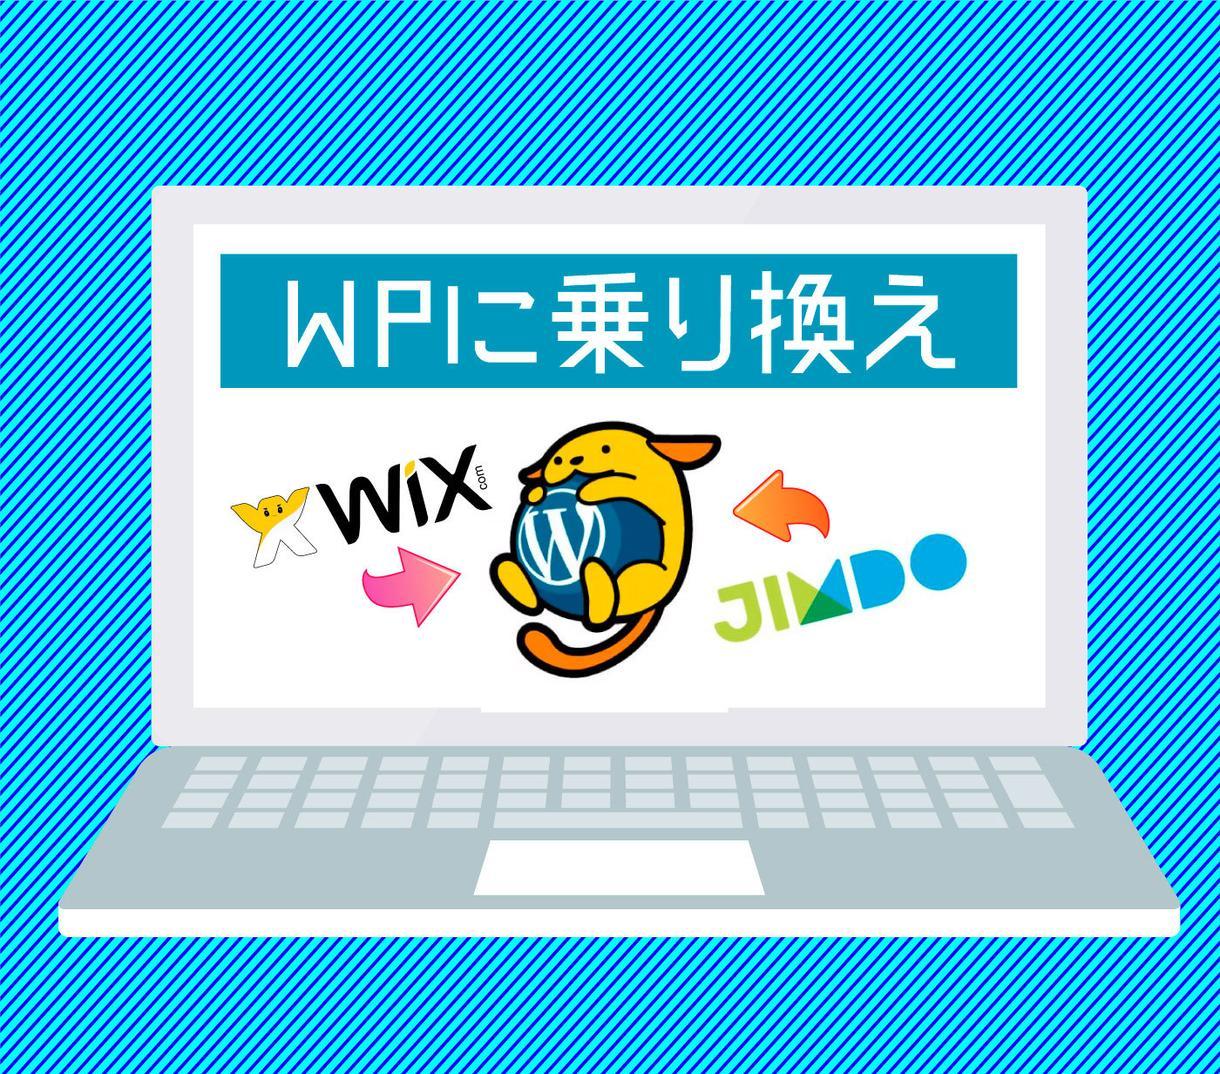 ワードプレスへの乗り換えを支援します WixやJimdoからのWPへの乗り換えを丁寧に支援します!